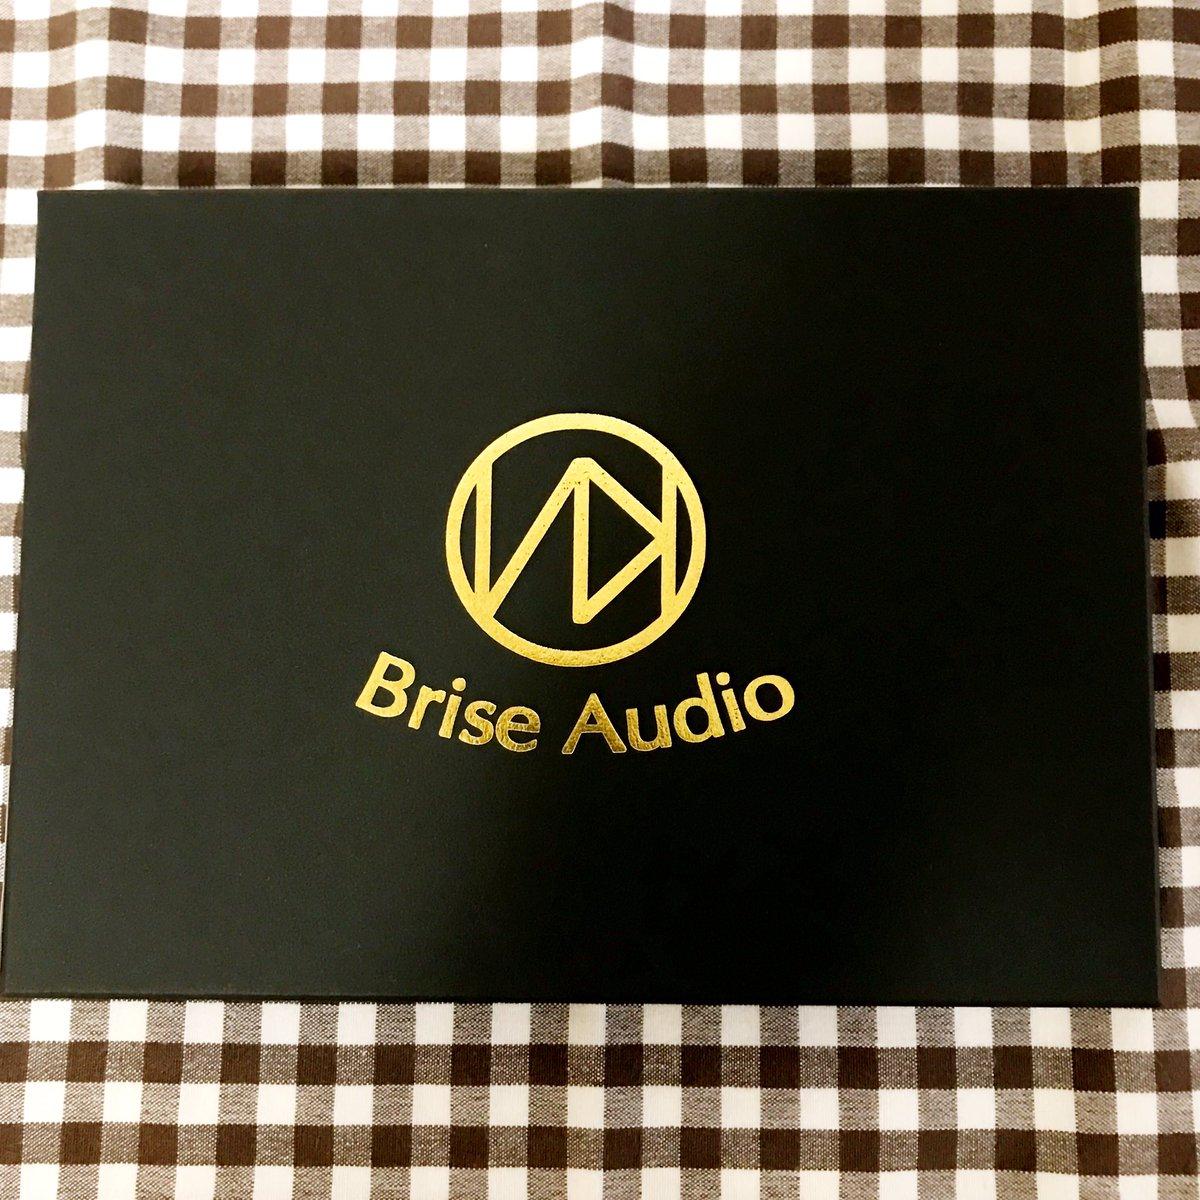 test ツイッターメディア - ポタフェスでプラグが曲がってしまった Acoustune 1551Cu イヤホン買い替えも考えたんだけどリケーブルして 2.5mmバランス接続化することにしました。 ポタフェスで視聴した Brise Audio の STR7-Rh2+  https://t.co/ENzbjIvQIi https://t.co/sZ4mGkryzx